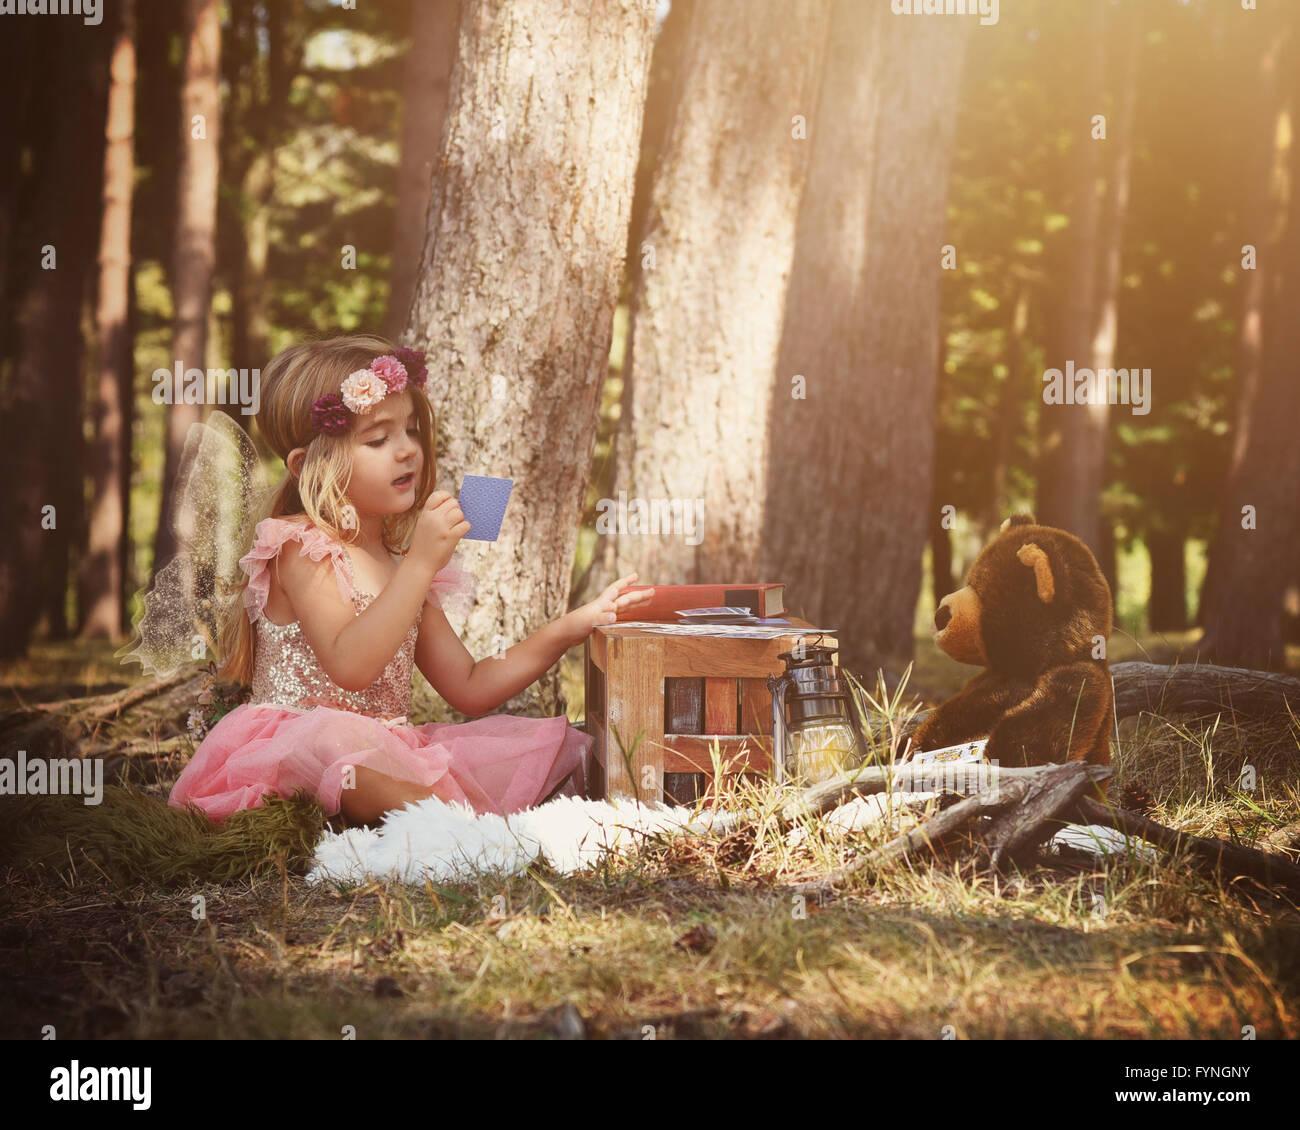 Une petite fée fille est assis dans les bois à jouer un jeu de cartes avec un ours en peluche pour une Photo Stock